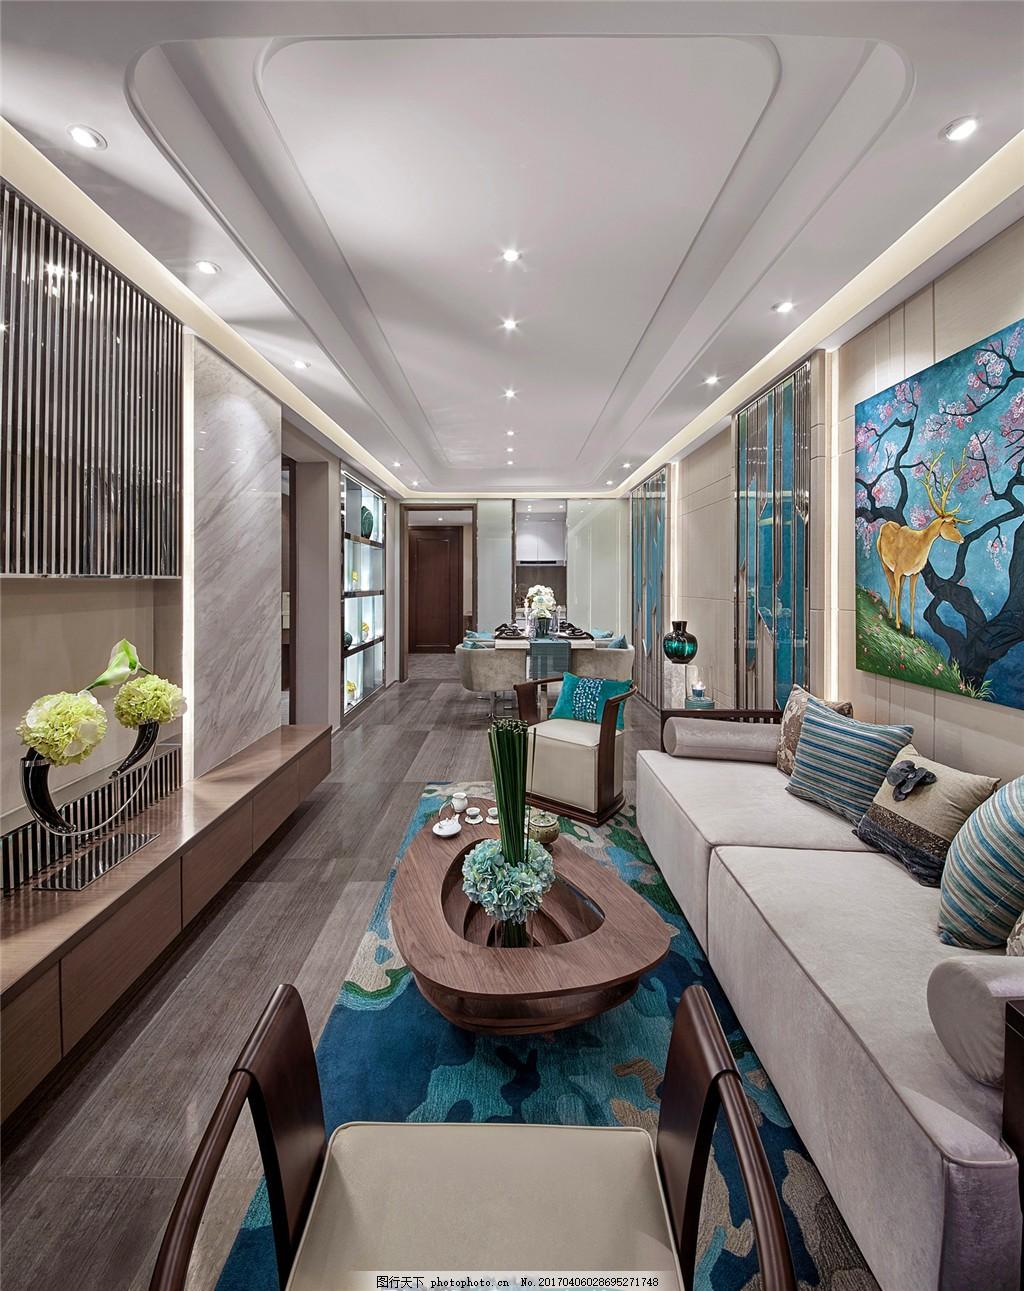 中欧简约客厅装修效果图 室内设计 家装效果图 欧式装修效果图 时尚